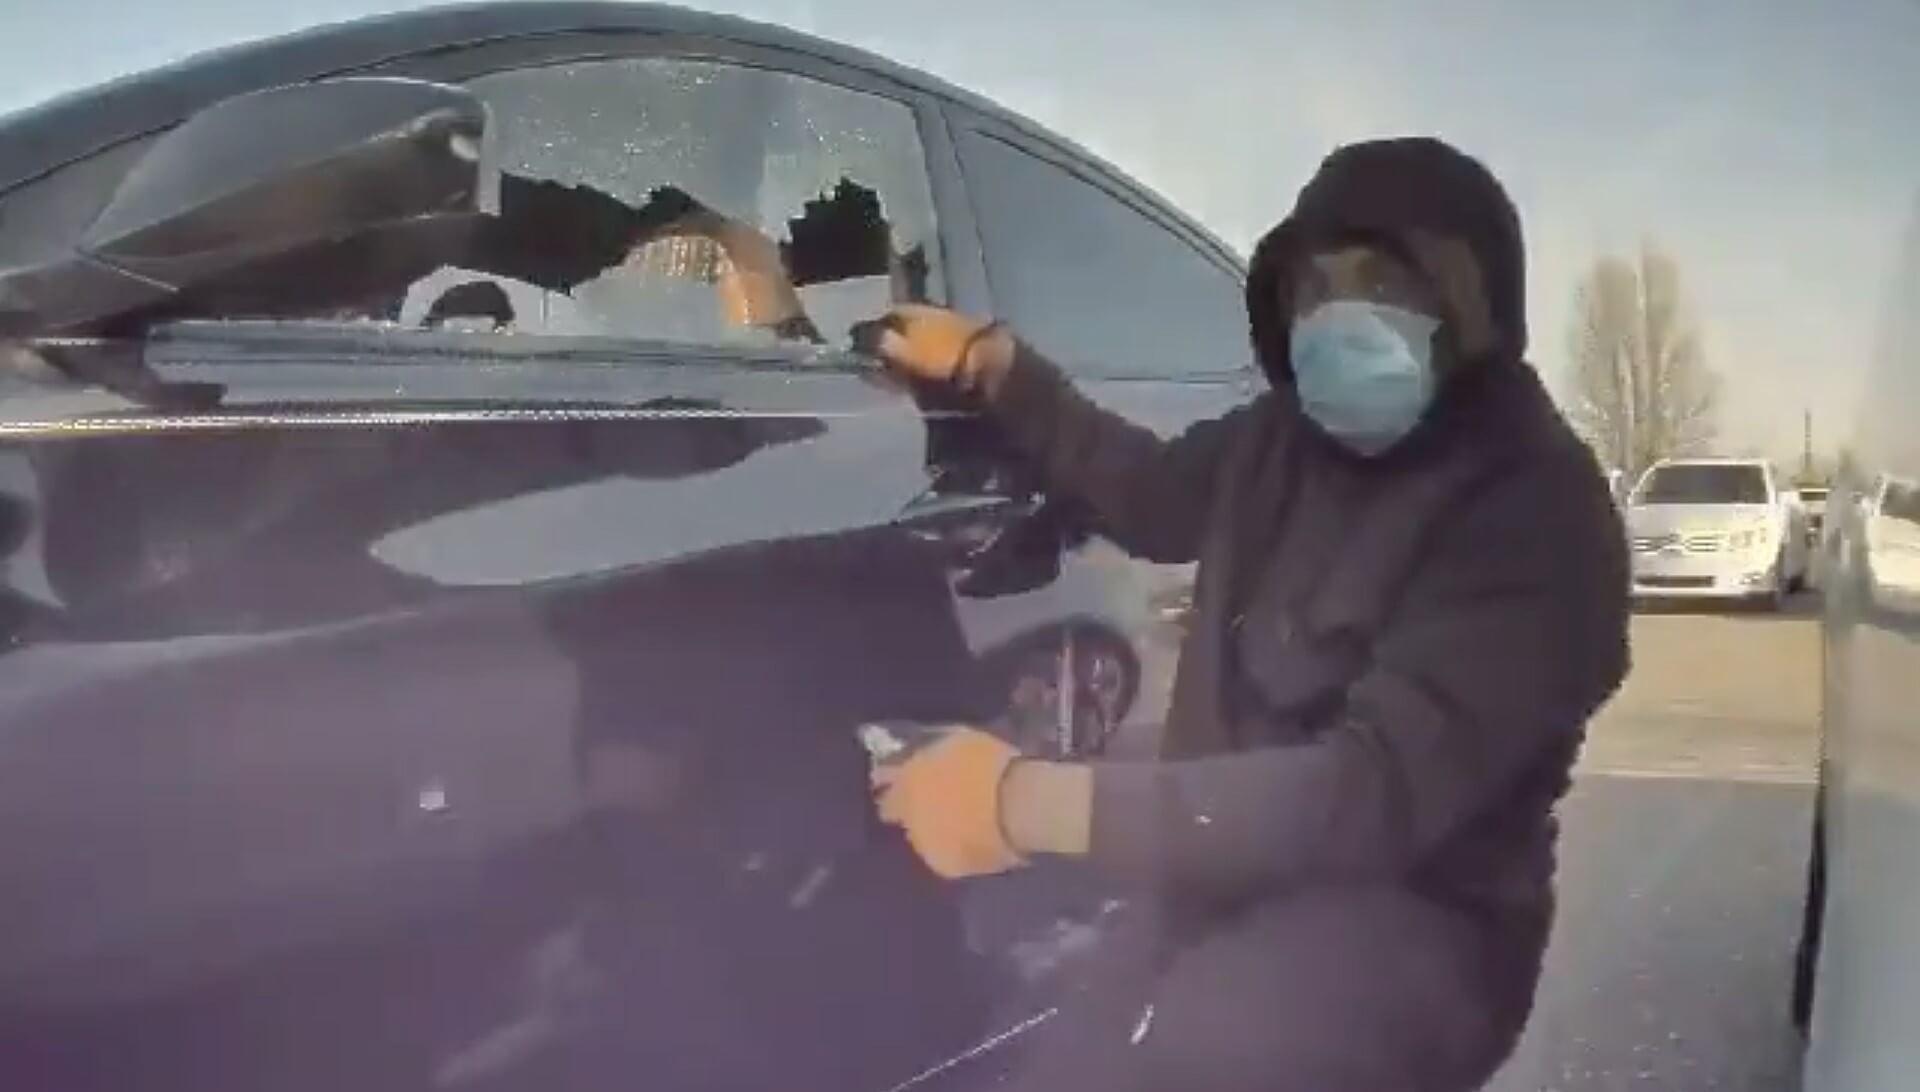 Tesla Sentry Mode снова подтверждает, что грабители понятия не имеют, что автомобили могут их записывать